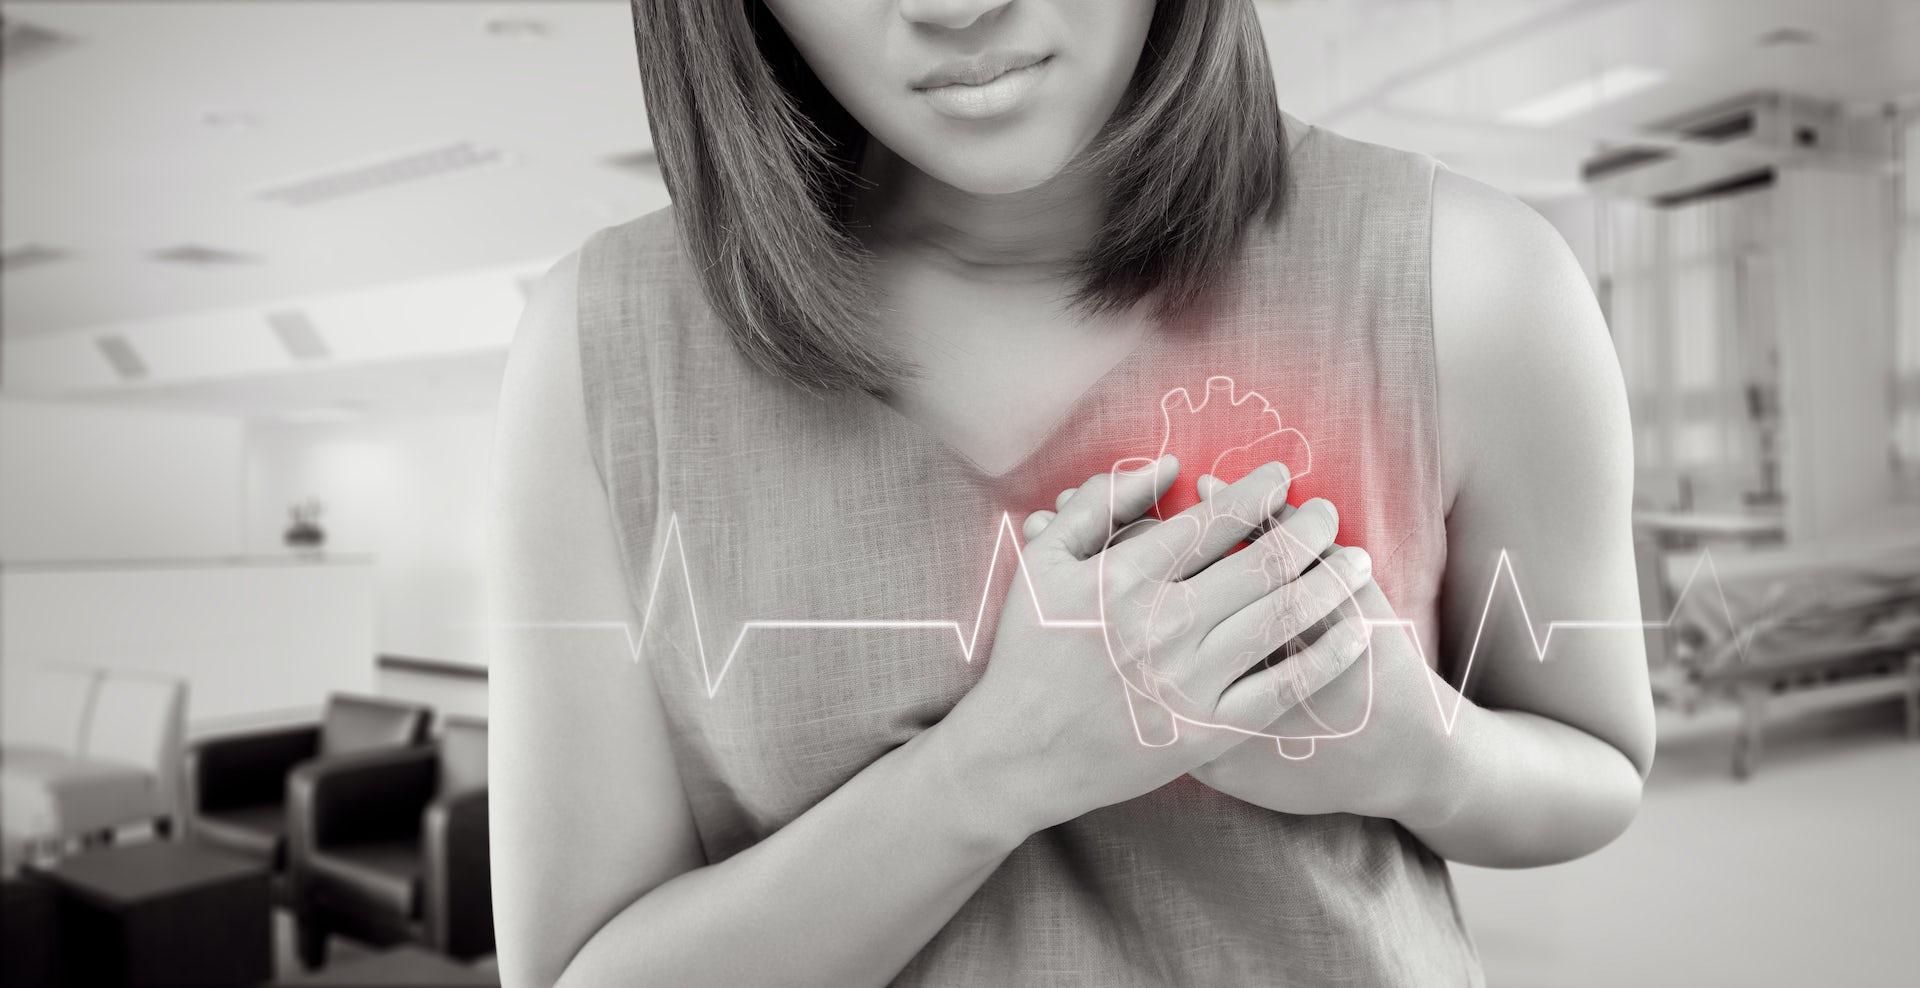 Los ataques cardíacos son diferentes en mujeres y en hombres, y la atención médica debe asumirlo